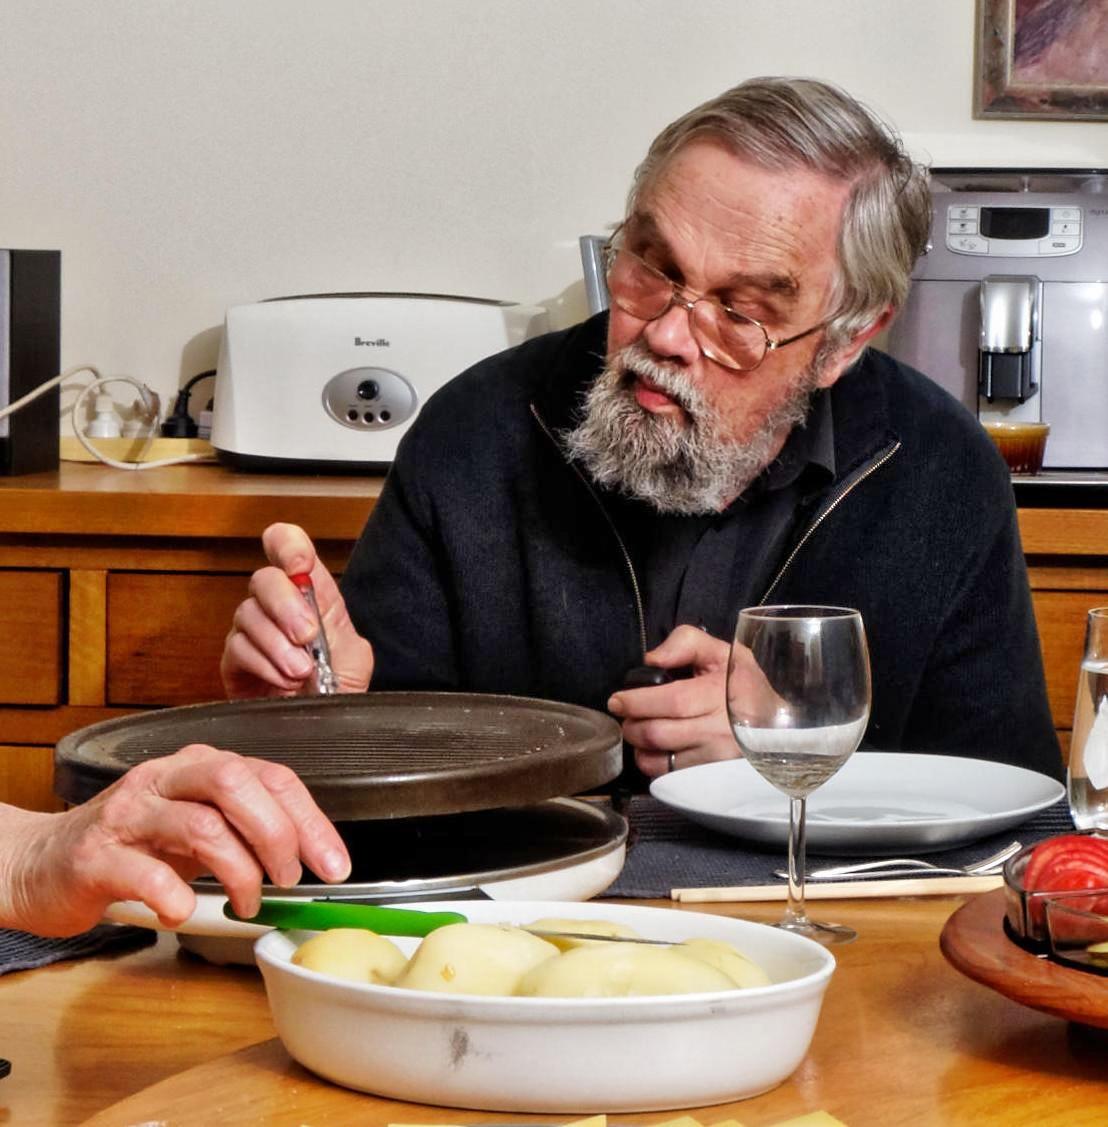 Dinner-photos-13-detail.jpeg